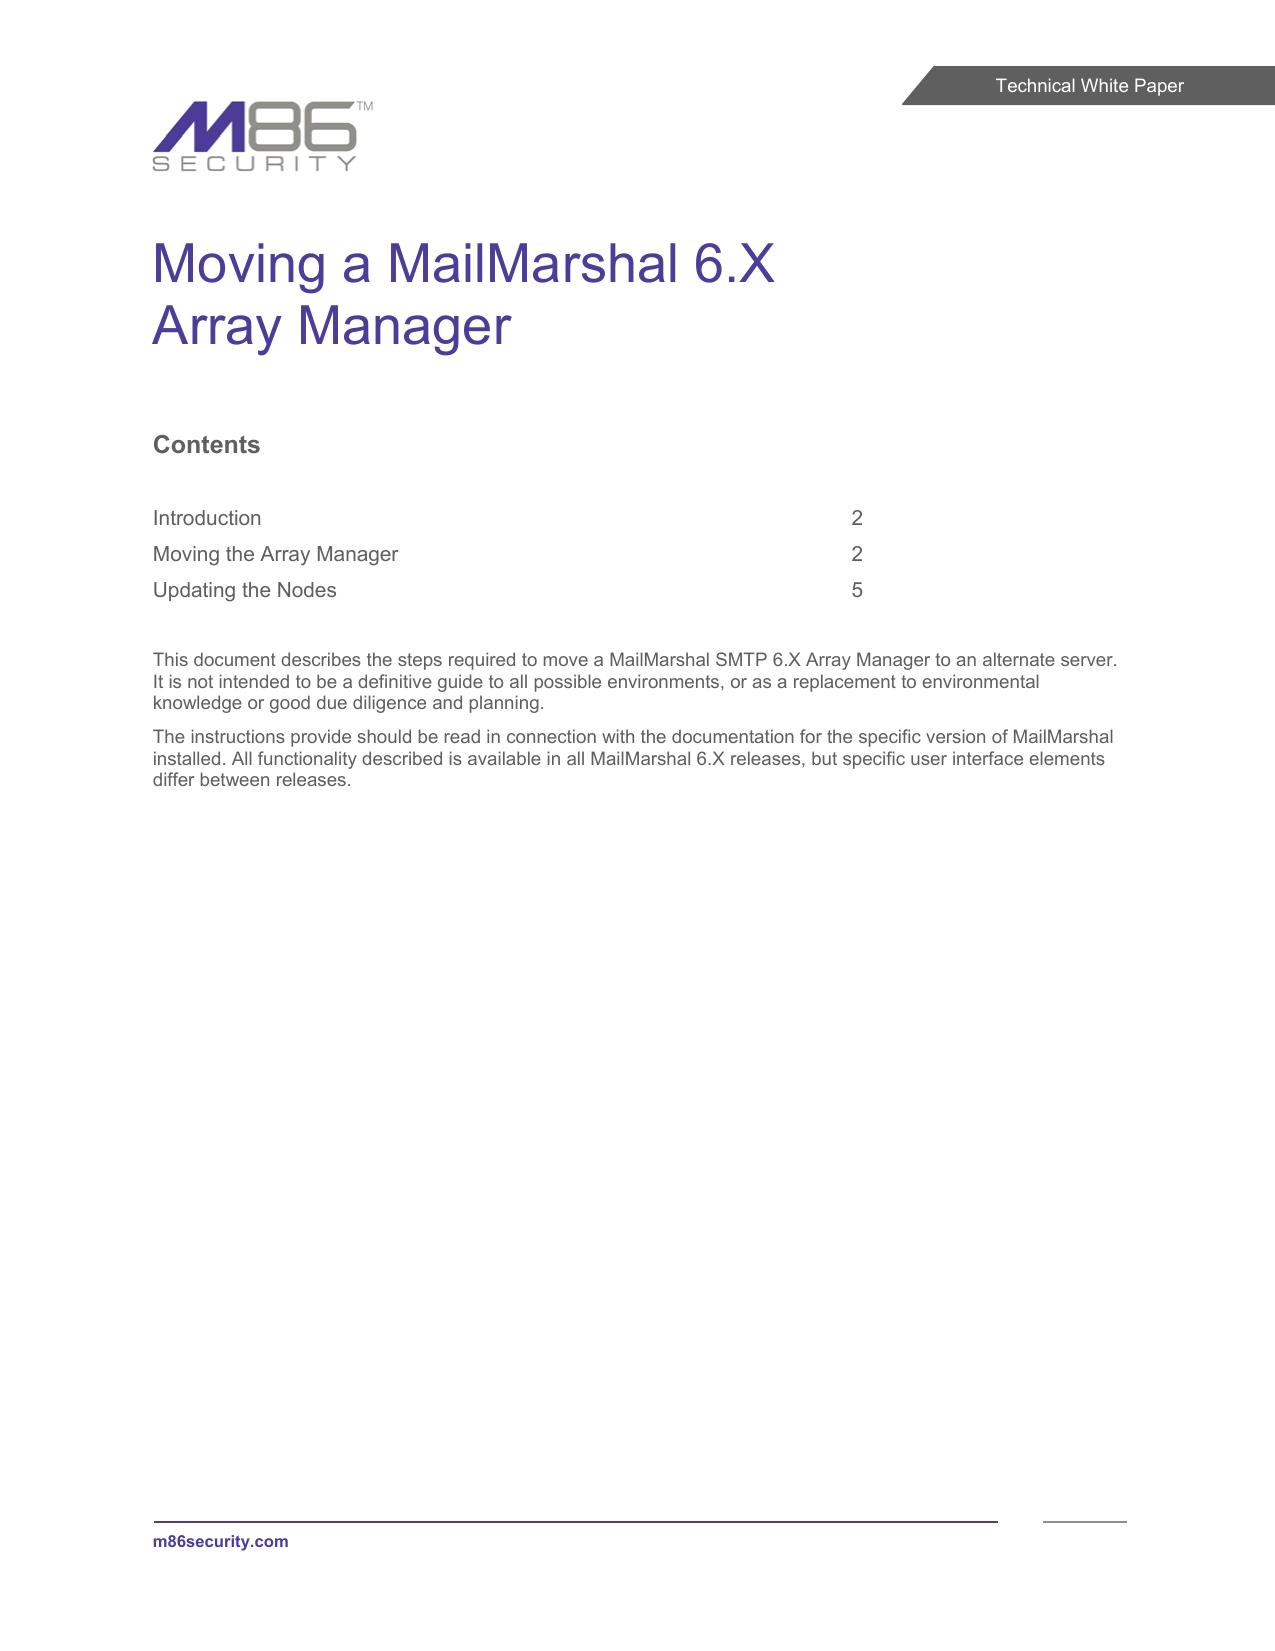 mailmarshal